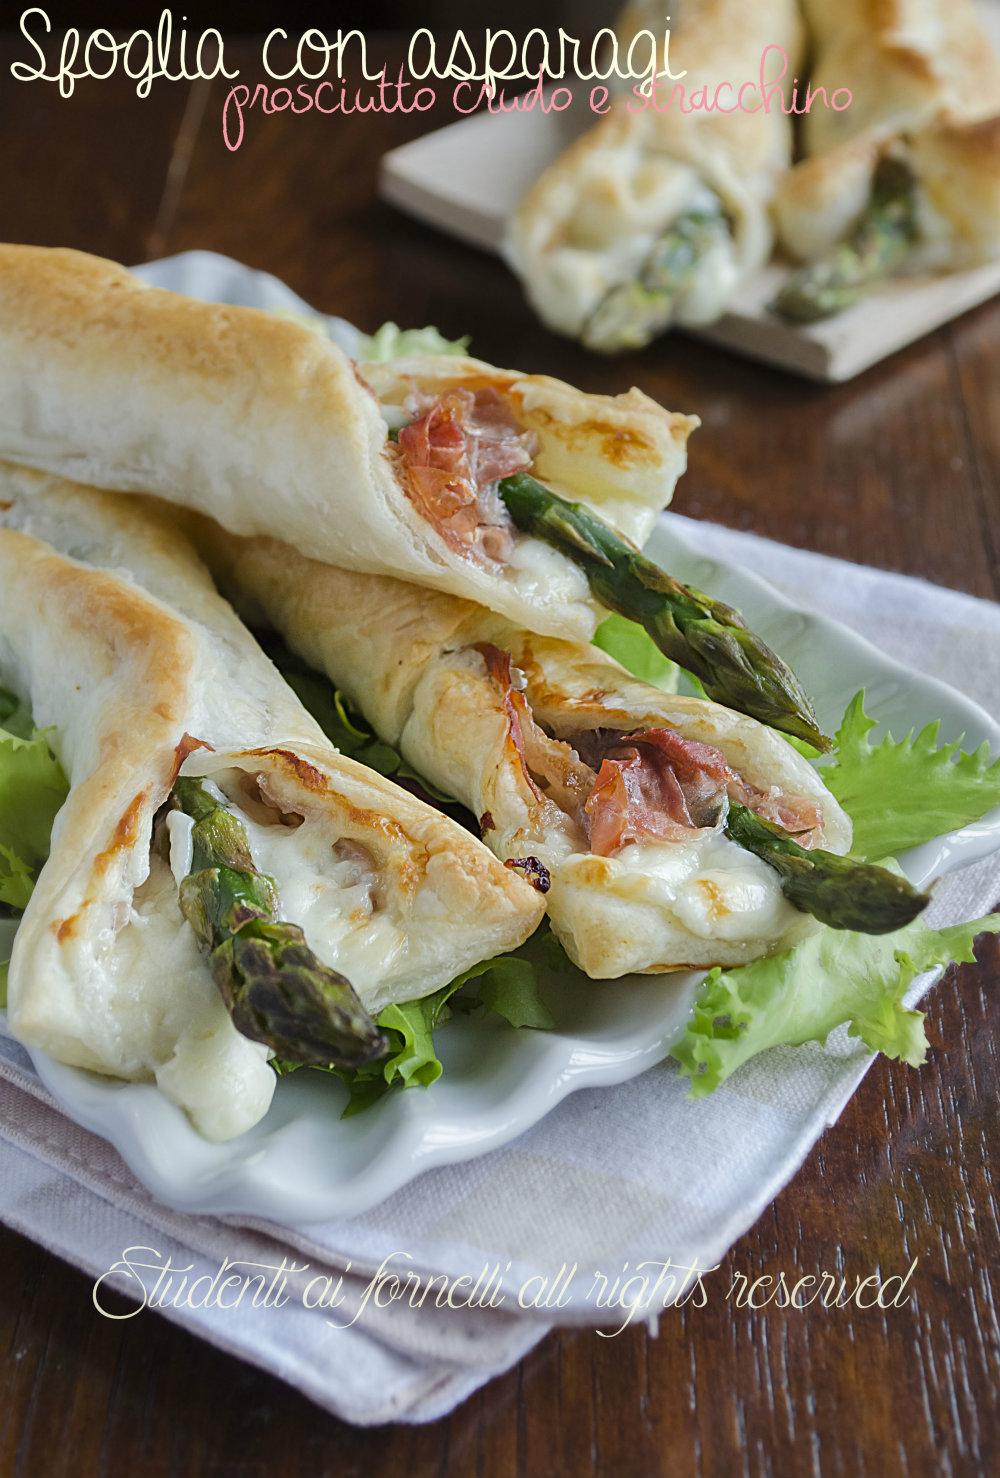 involtini di asparagi prosciutto e stracchion ricetta finger food con pasta sfoglia